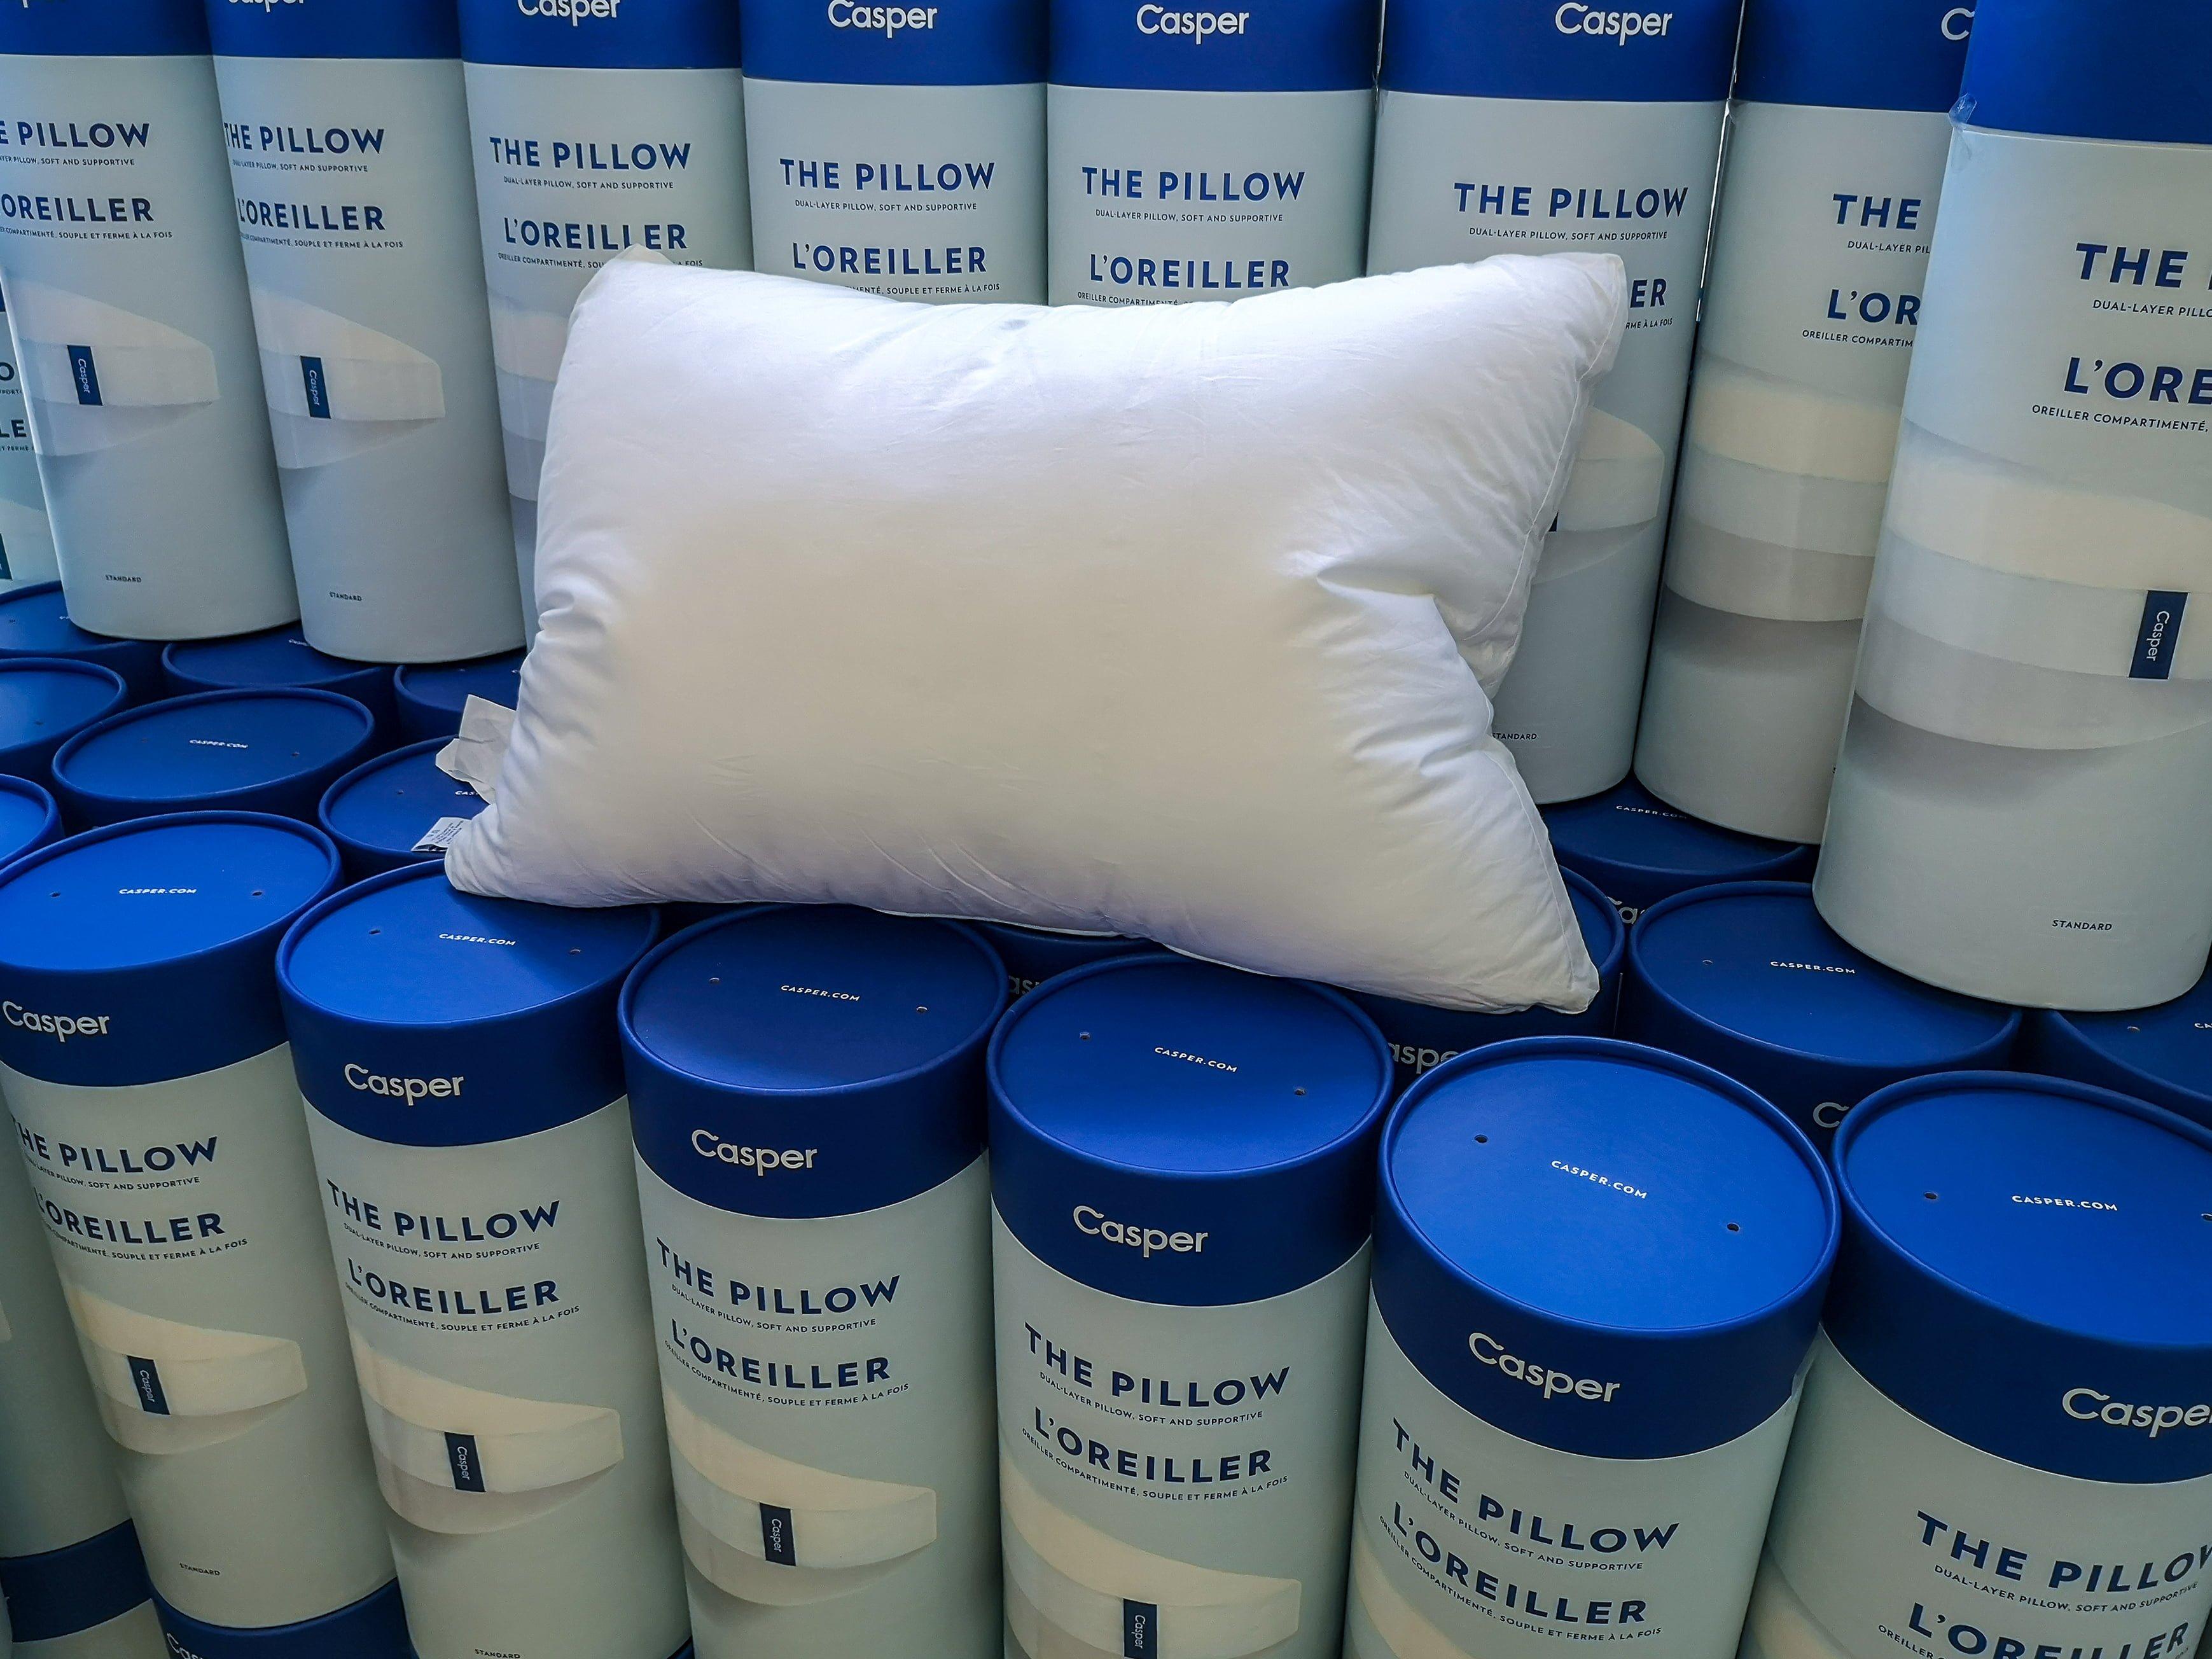 So. Many. Pillows.